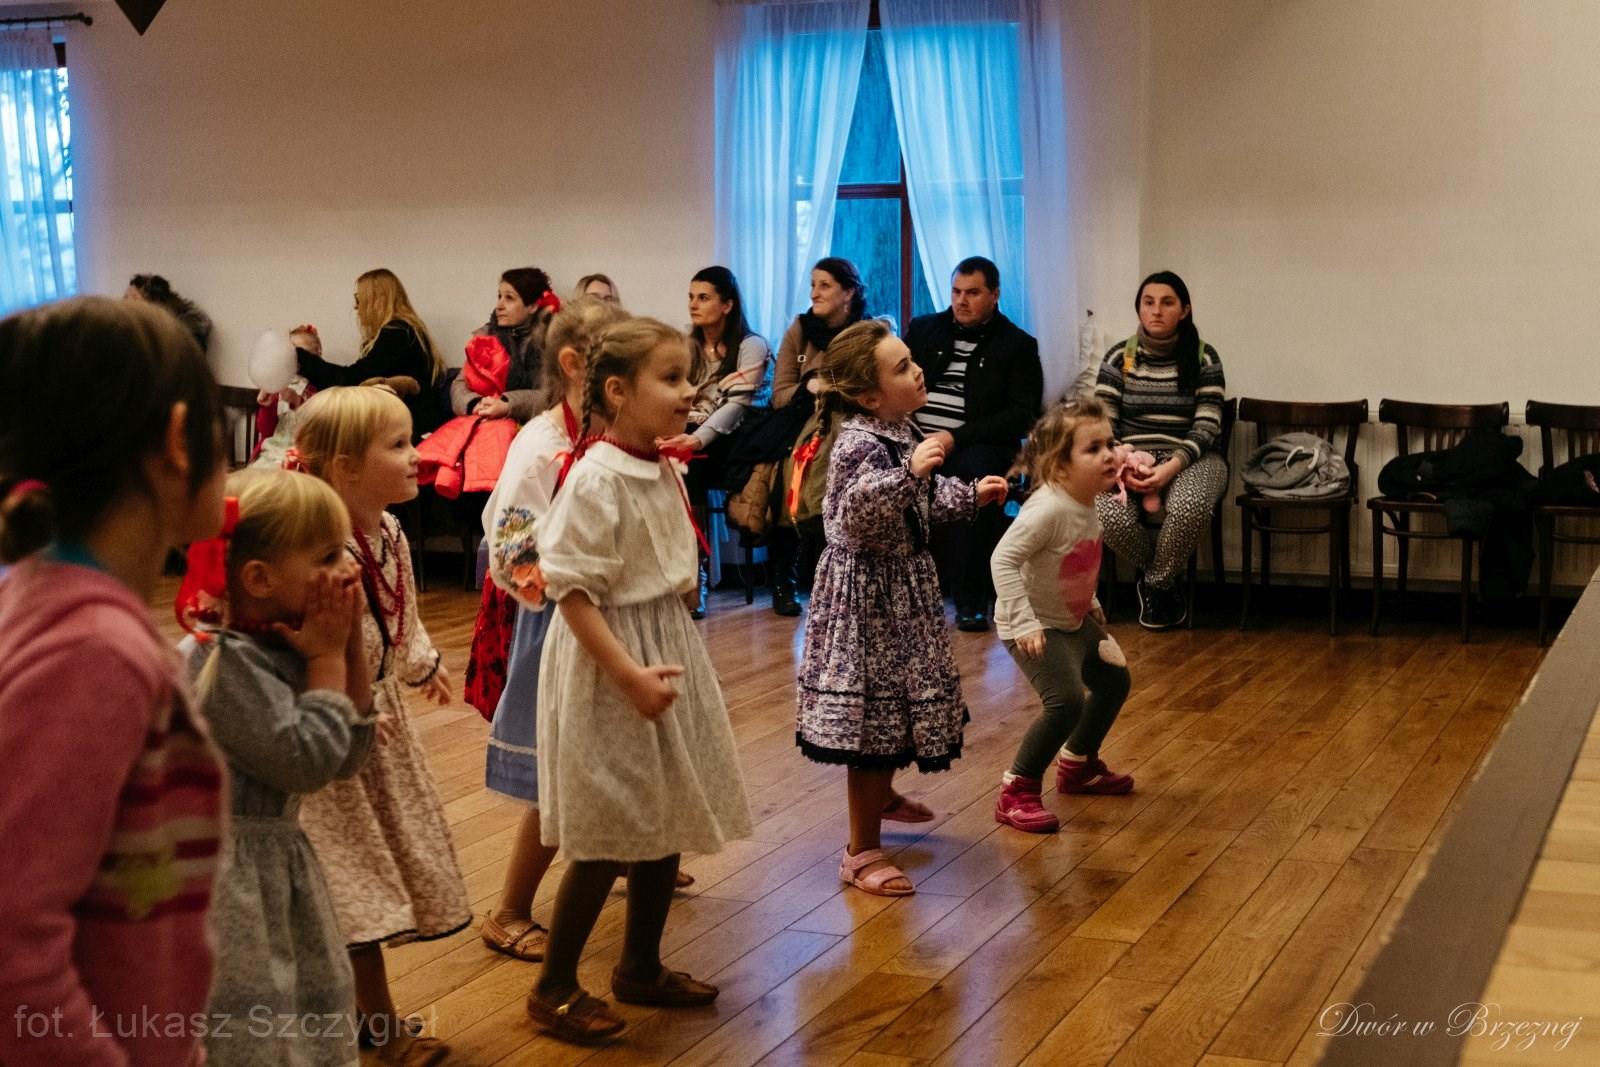 Dwór w Brzeznej - wesela, sale weselne, organizacja wesel, przyjęcia, uroczystości rodzinne, studniówki, komunia, urodziny, imieniny, stypy, szkolenia, koncerty, Nowy Sącz, Stary Sącz, Podegrodzie, Brzezna